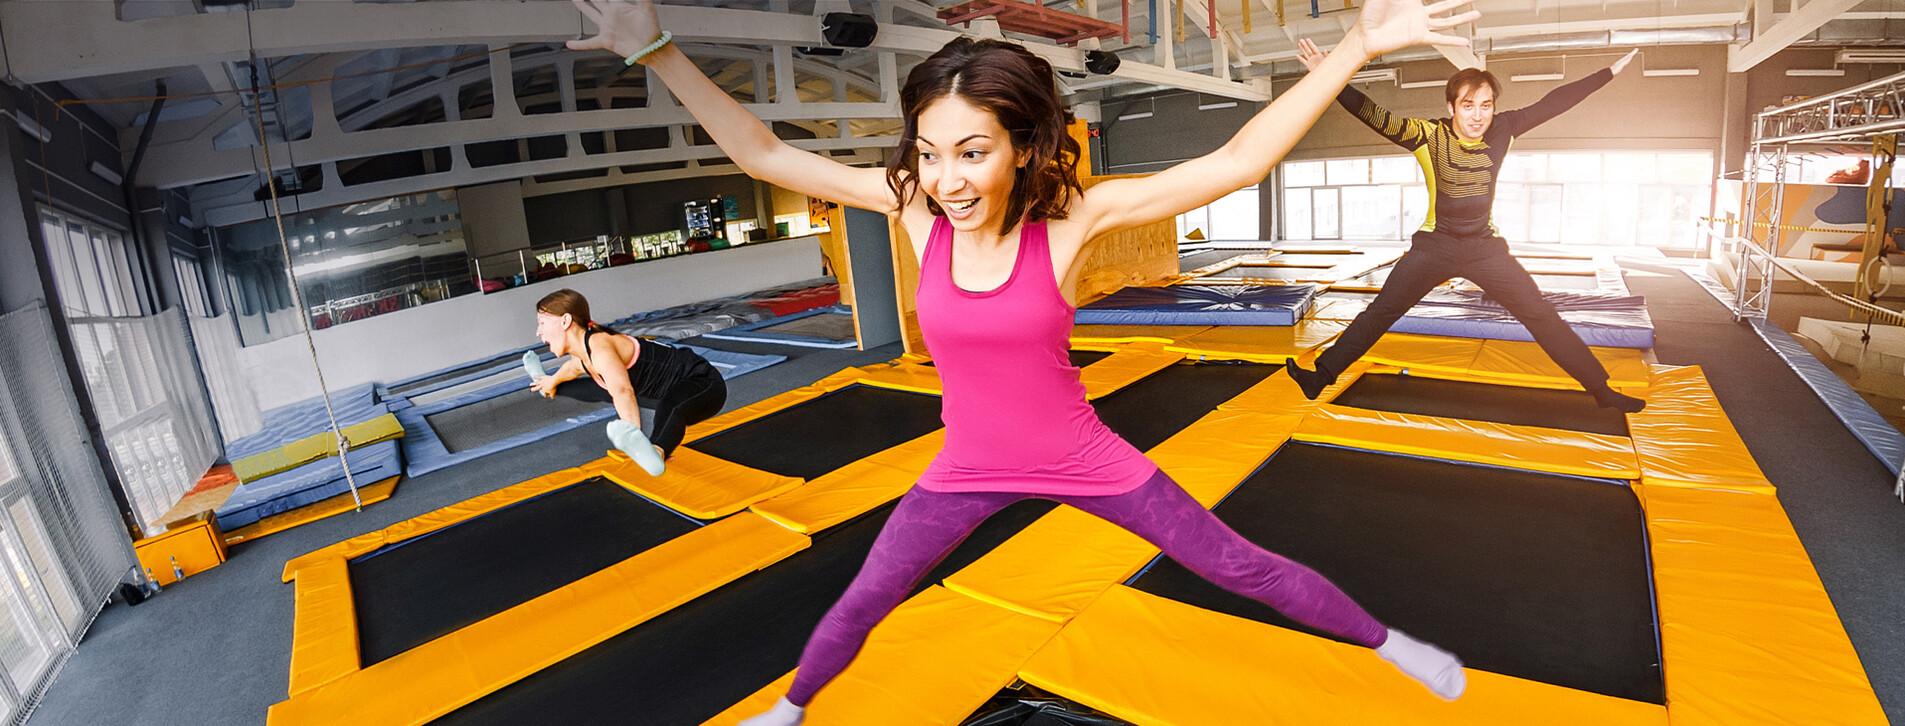 Фото 1 - Прыжки на батуте для компании